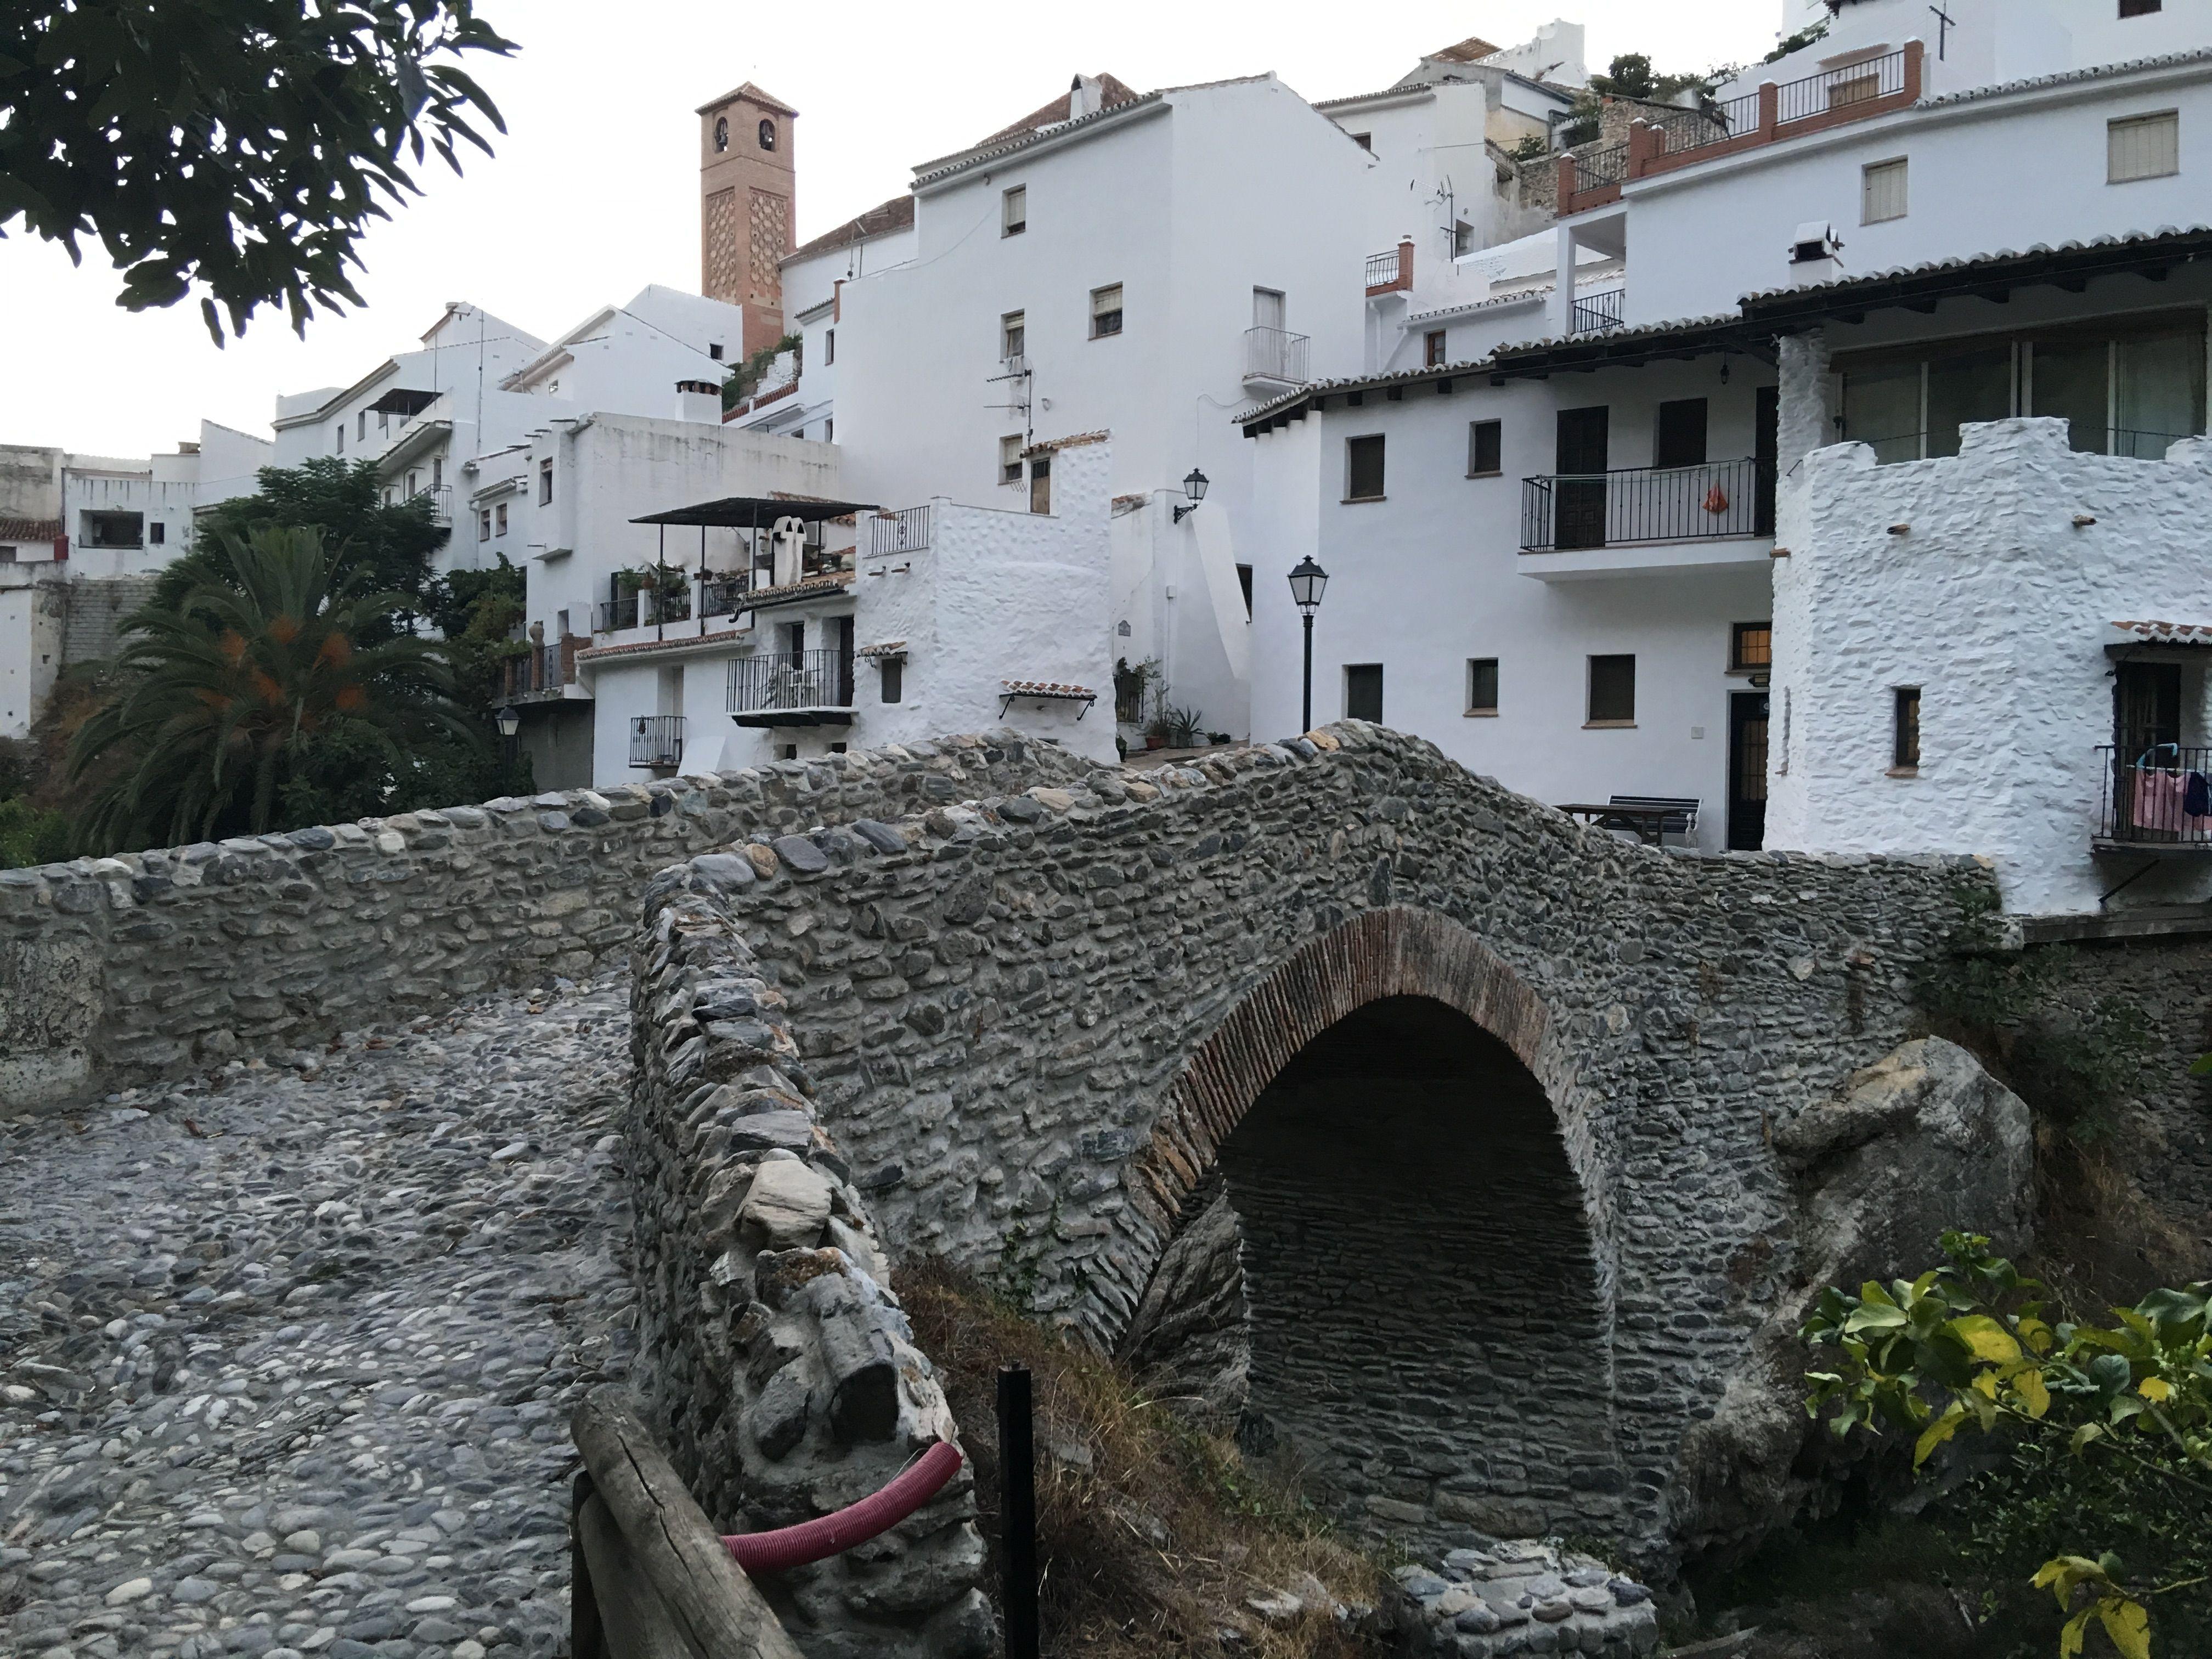 Puente-romano-salares